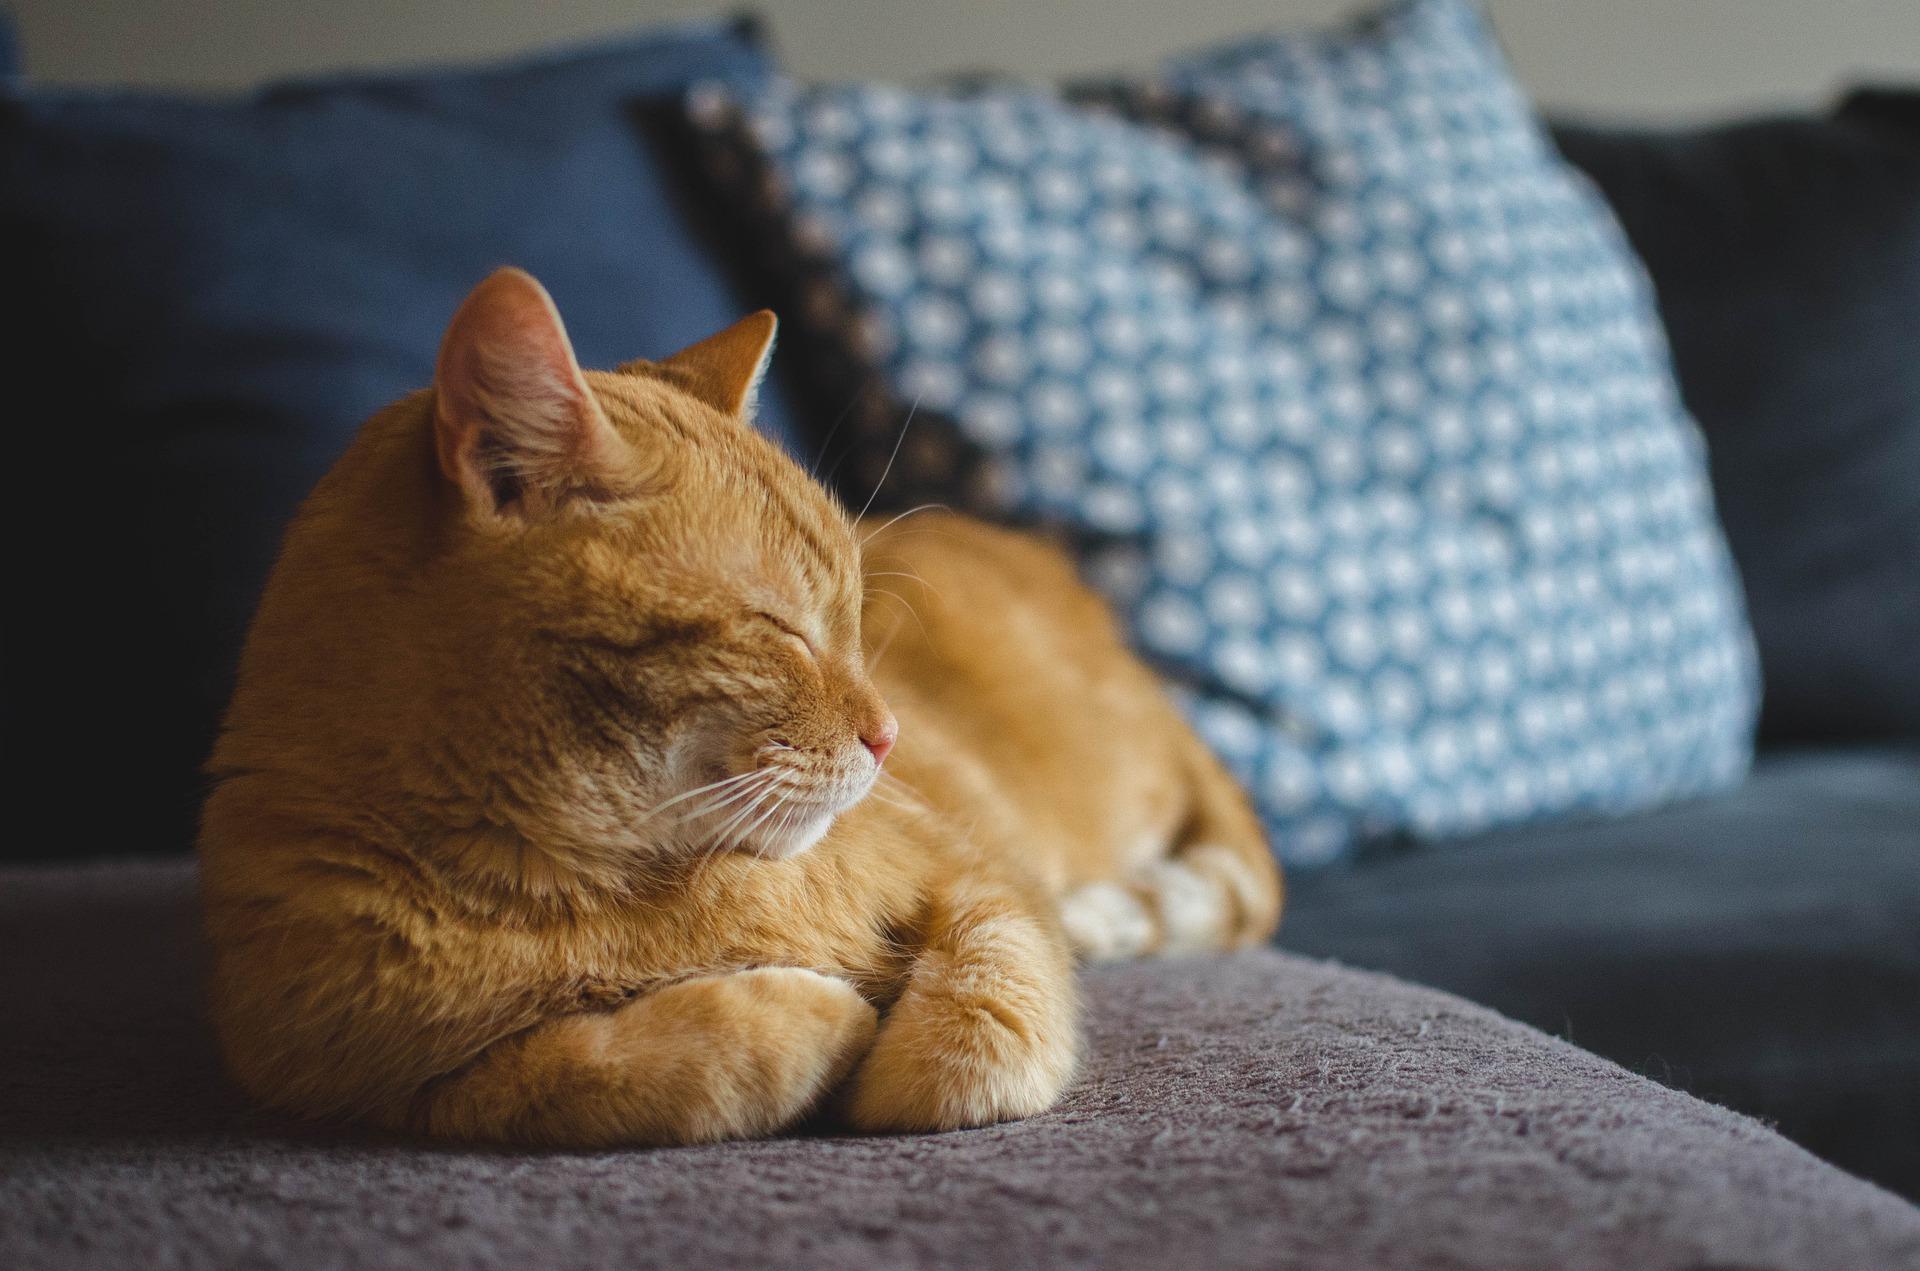 Záhadné idiopatické záněty močového měchýře koček nejde řešit. Nebo ano? Roli hraje i stres